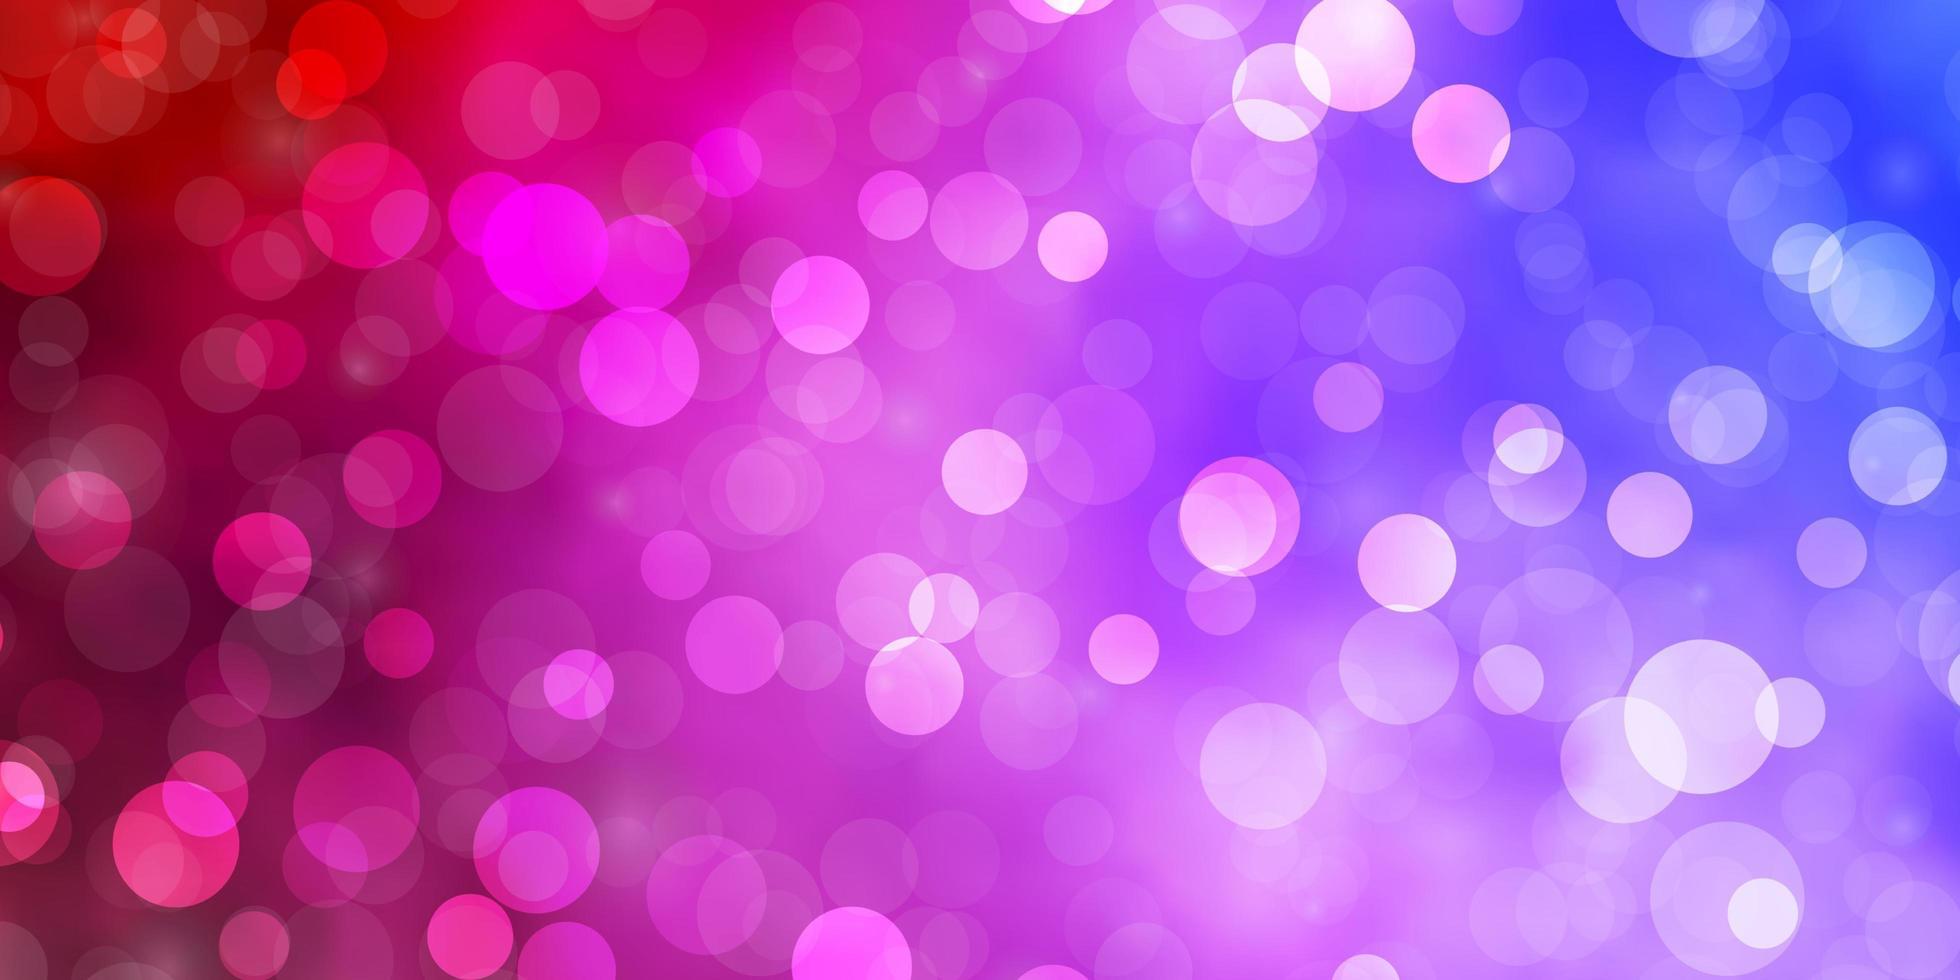 lichtblauwe, roze textuur met cirkels. vector